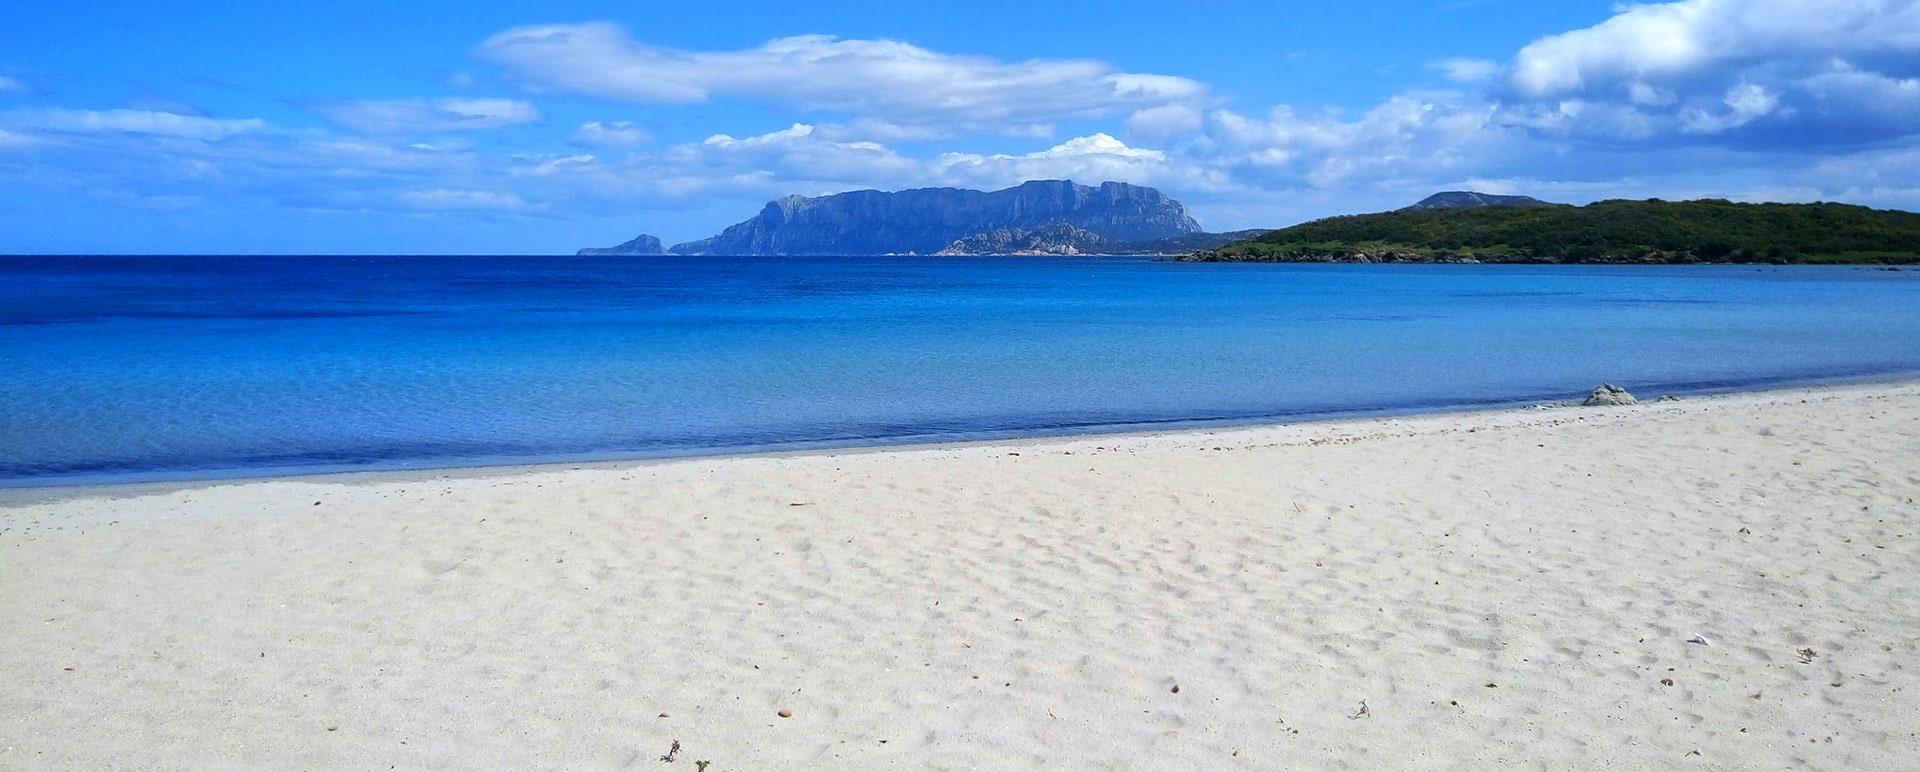 Le migliori spiagge di Capo Coda Cavallo - Sardegna Olbia